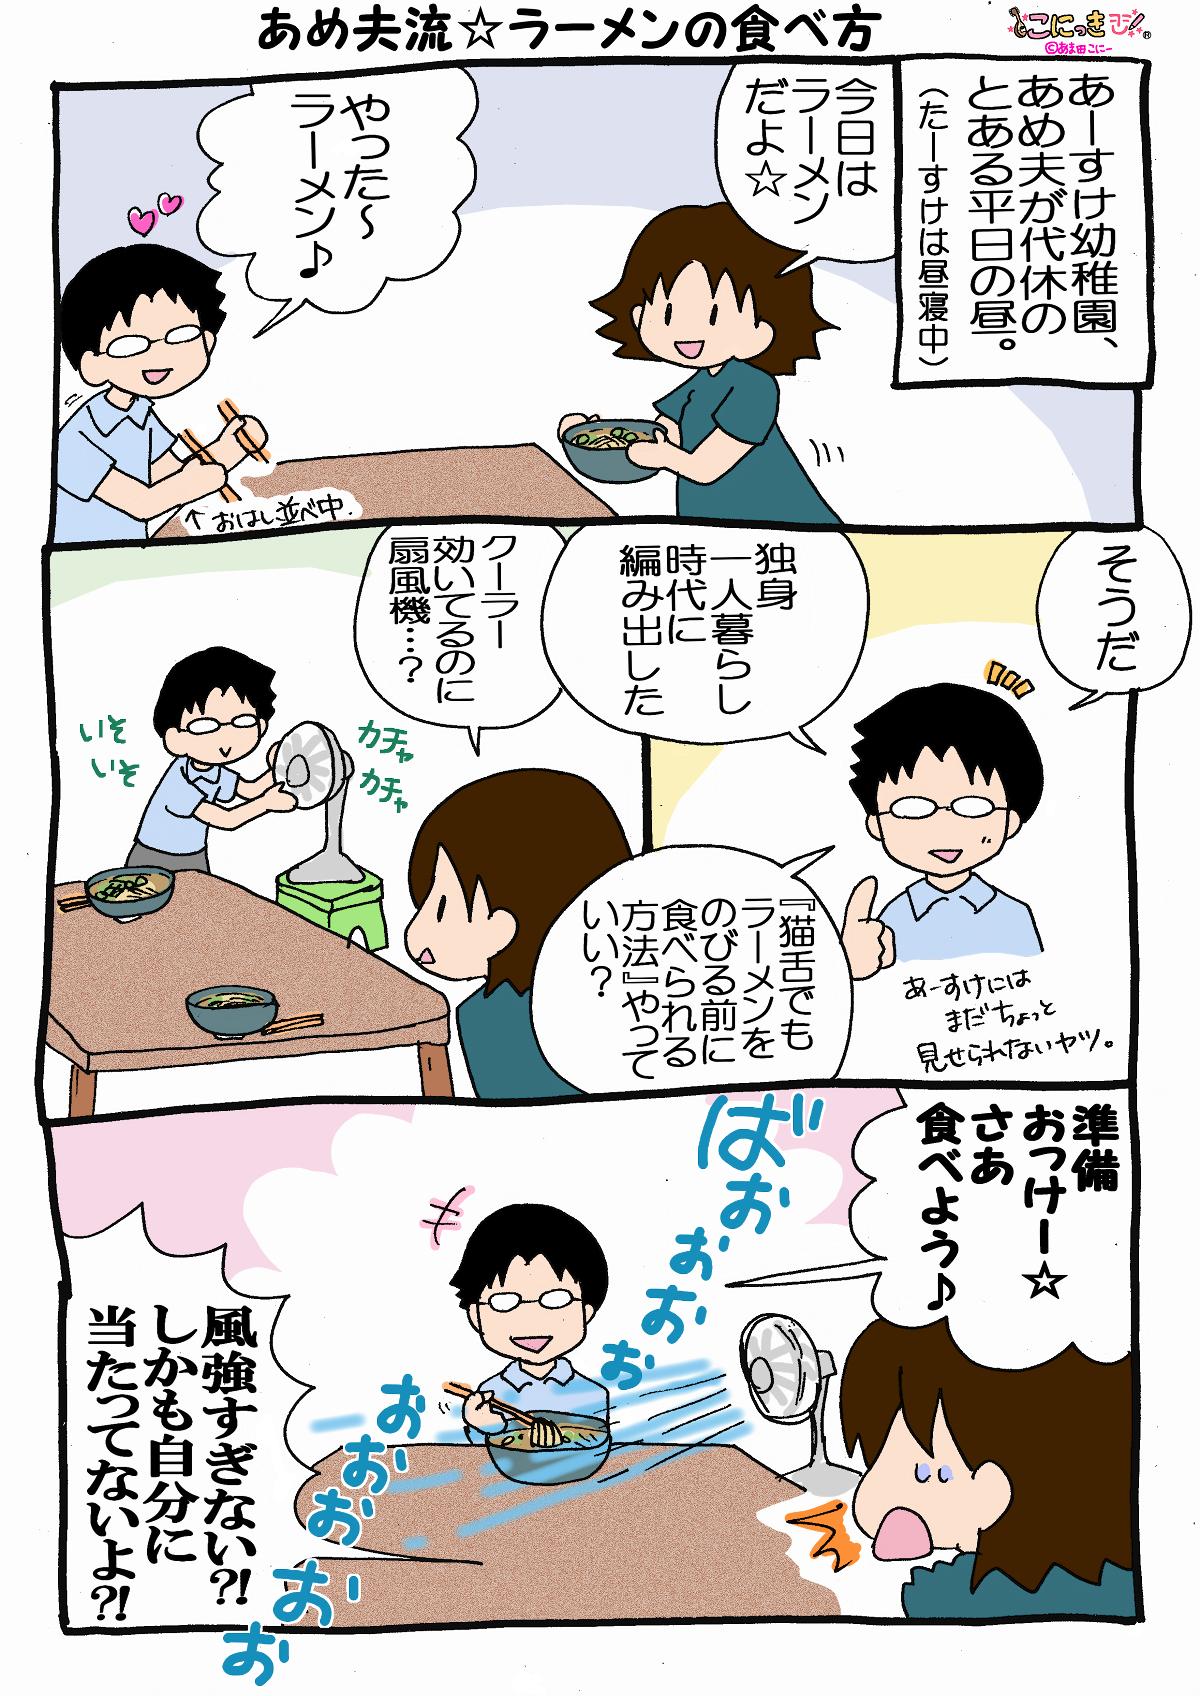 244-1あめ夫流ラーメンの食べ方①